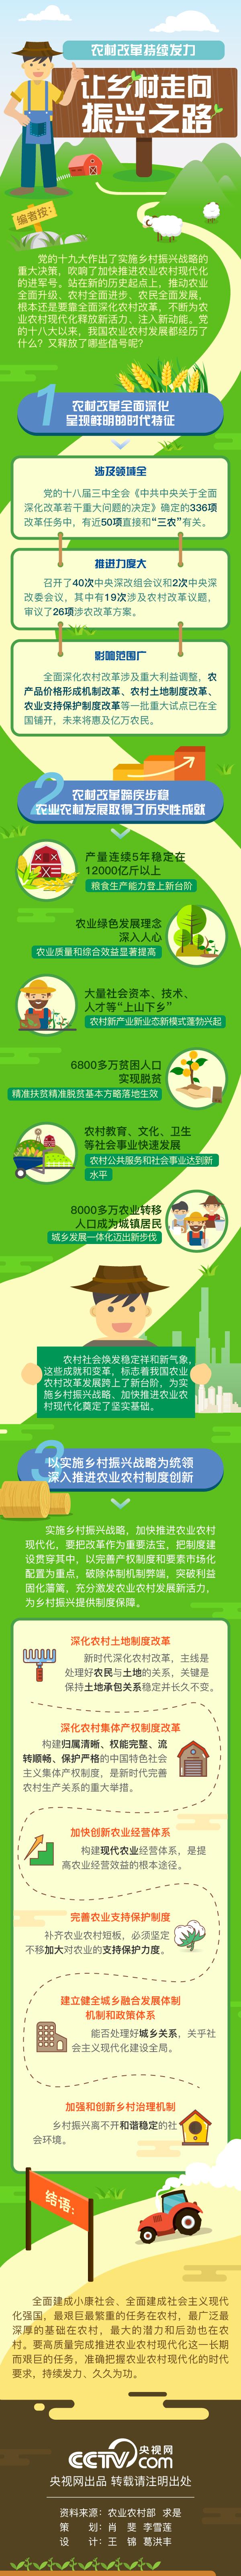 爱购彩官网下载:图解丨农村改革持续发力_让乡村走向振兴之路